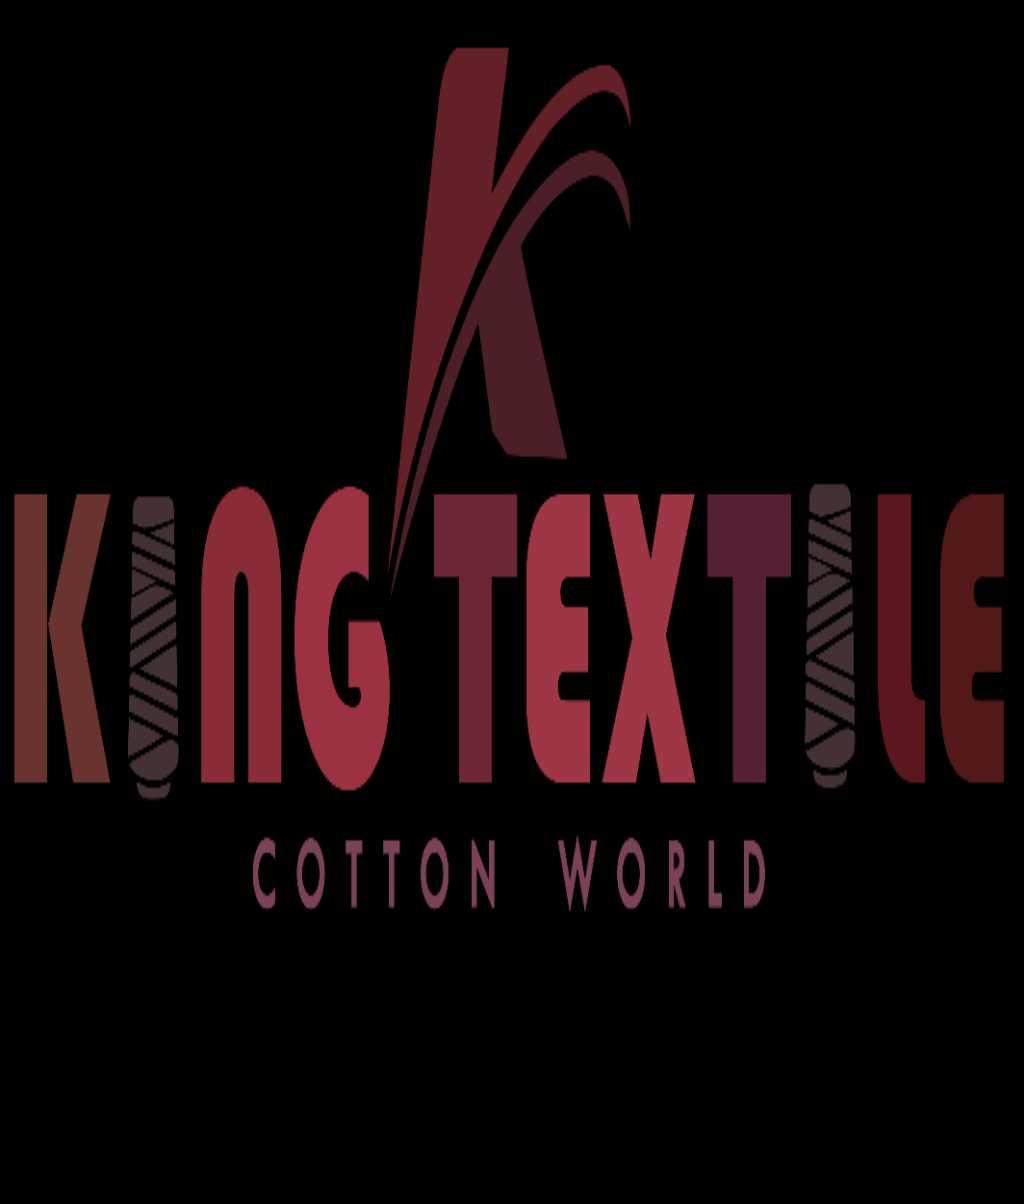 KING TEXTILE